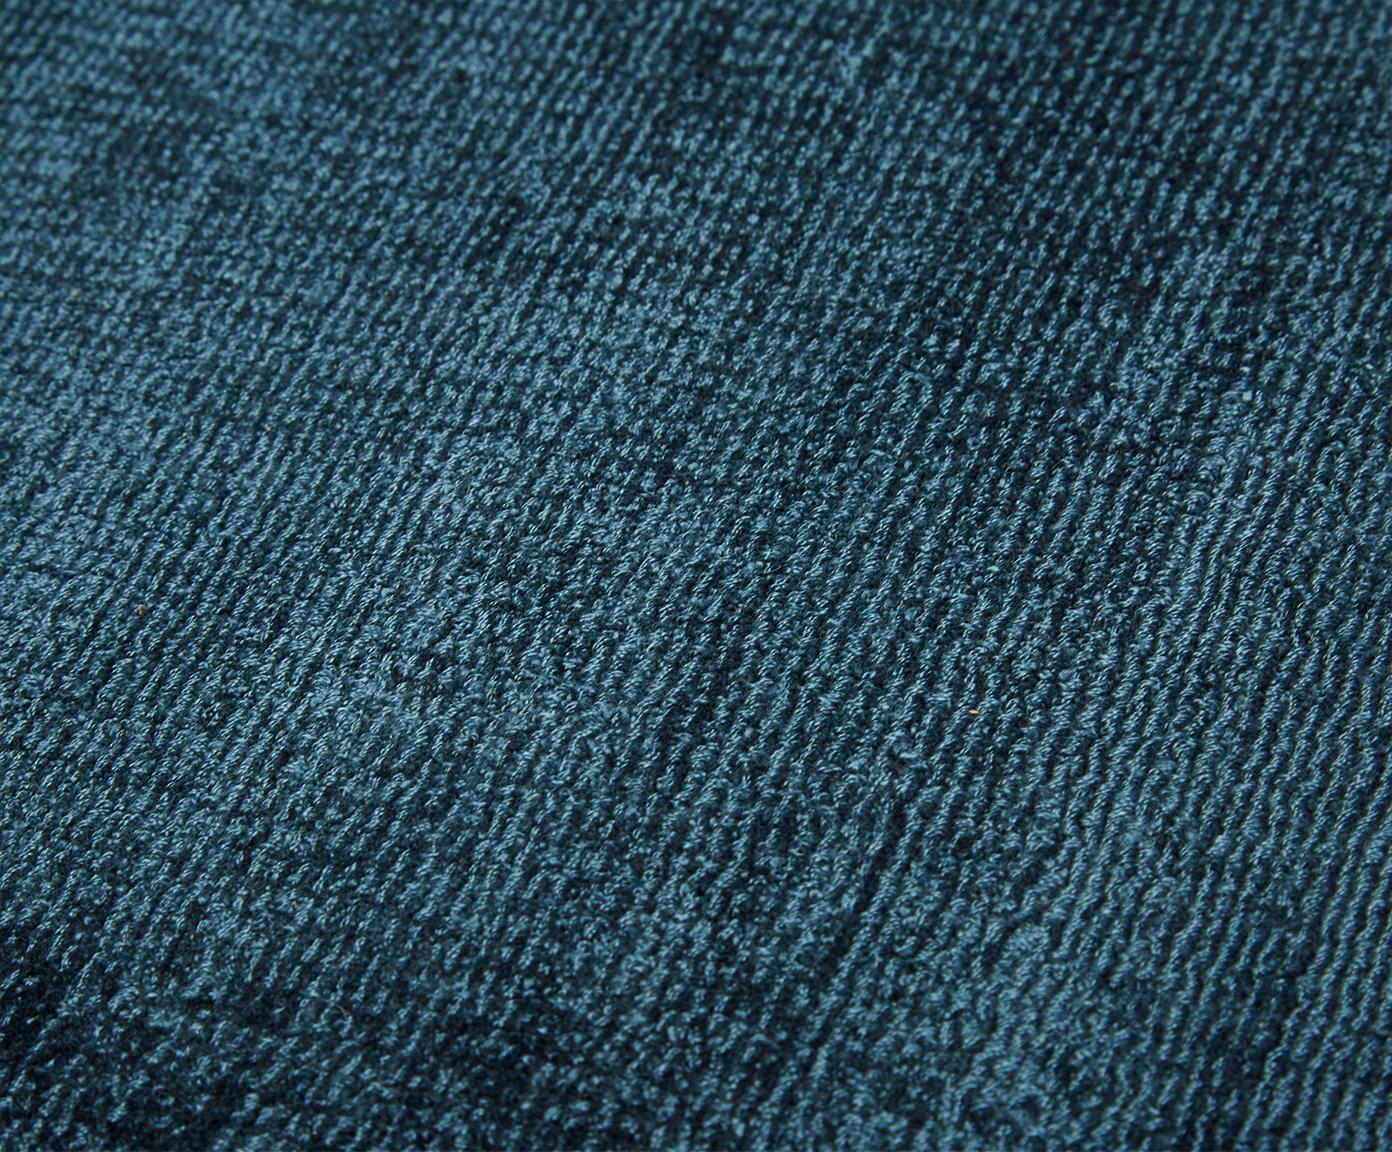 Handgeweven viscose vloerkleed Jane, Bovenzijde: 100% viscose, Onderzijde: 100% katoen, Petrol, 160 x 230 cm